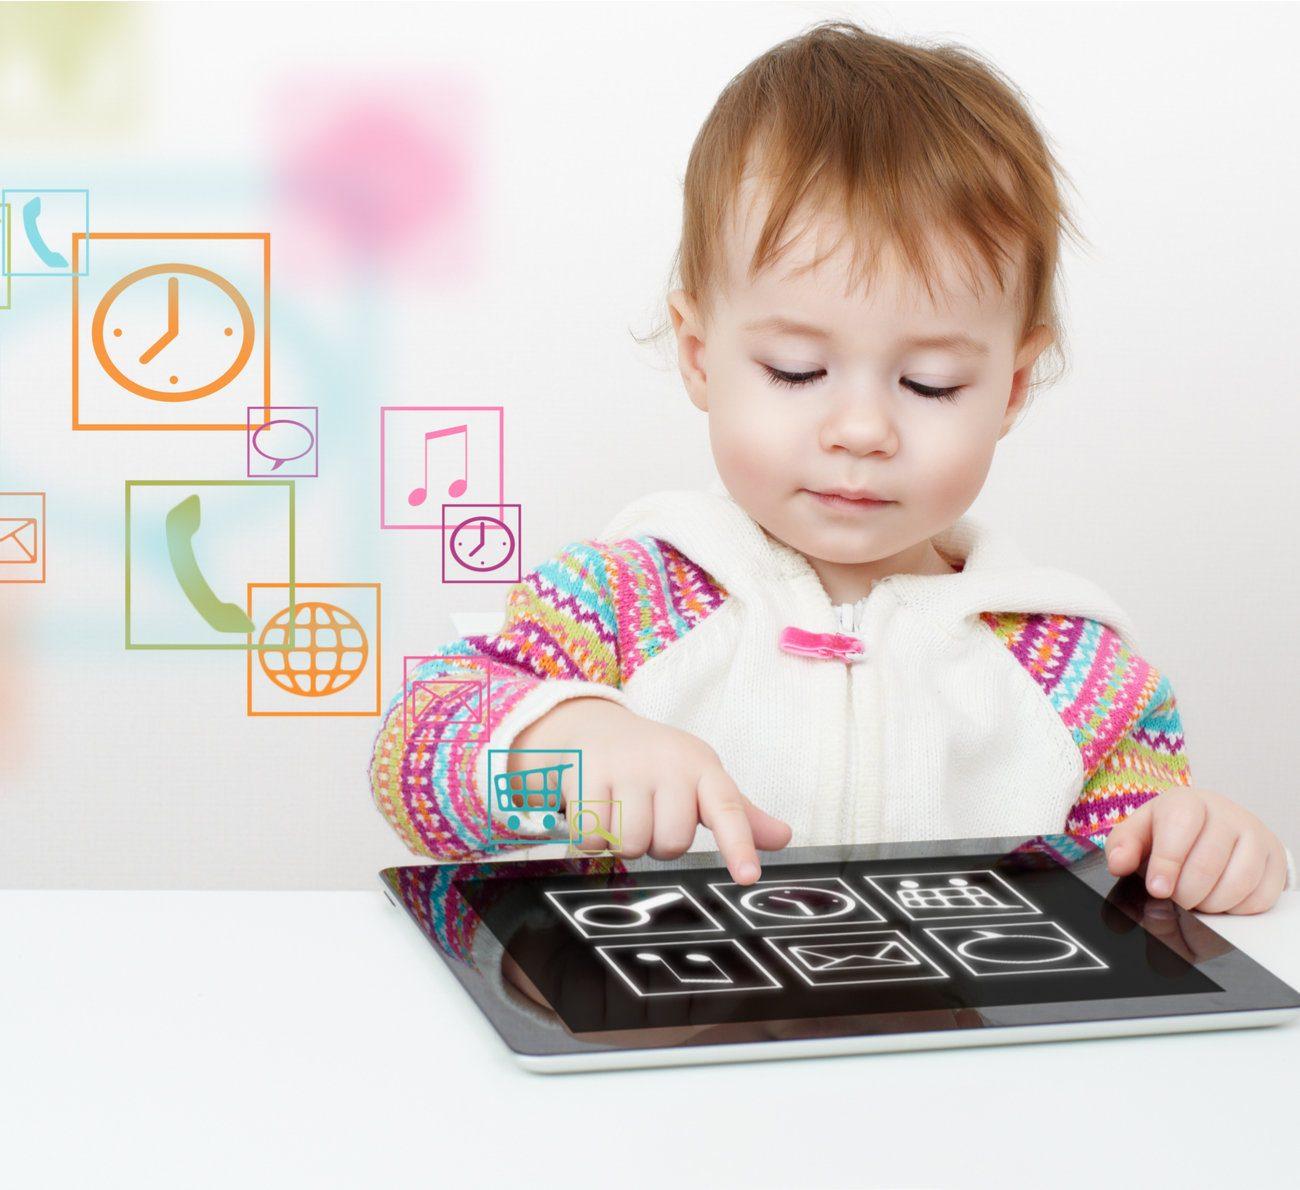 crianças pequenas e a tecnologia